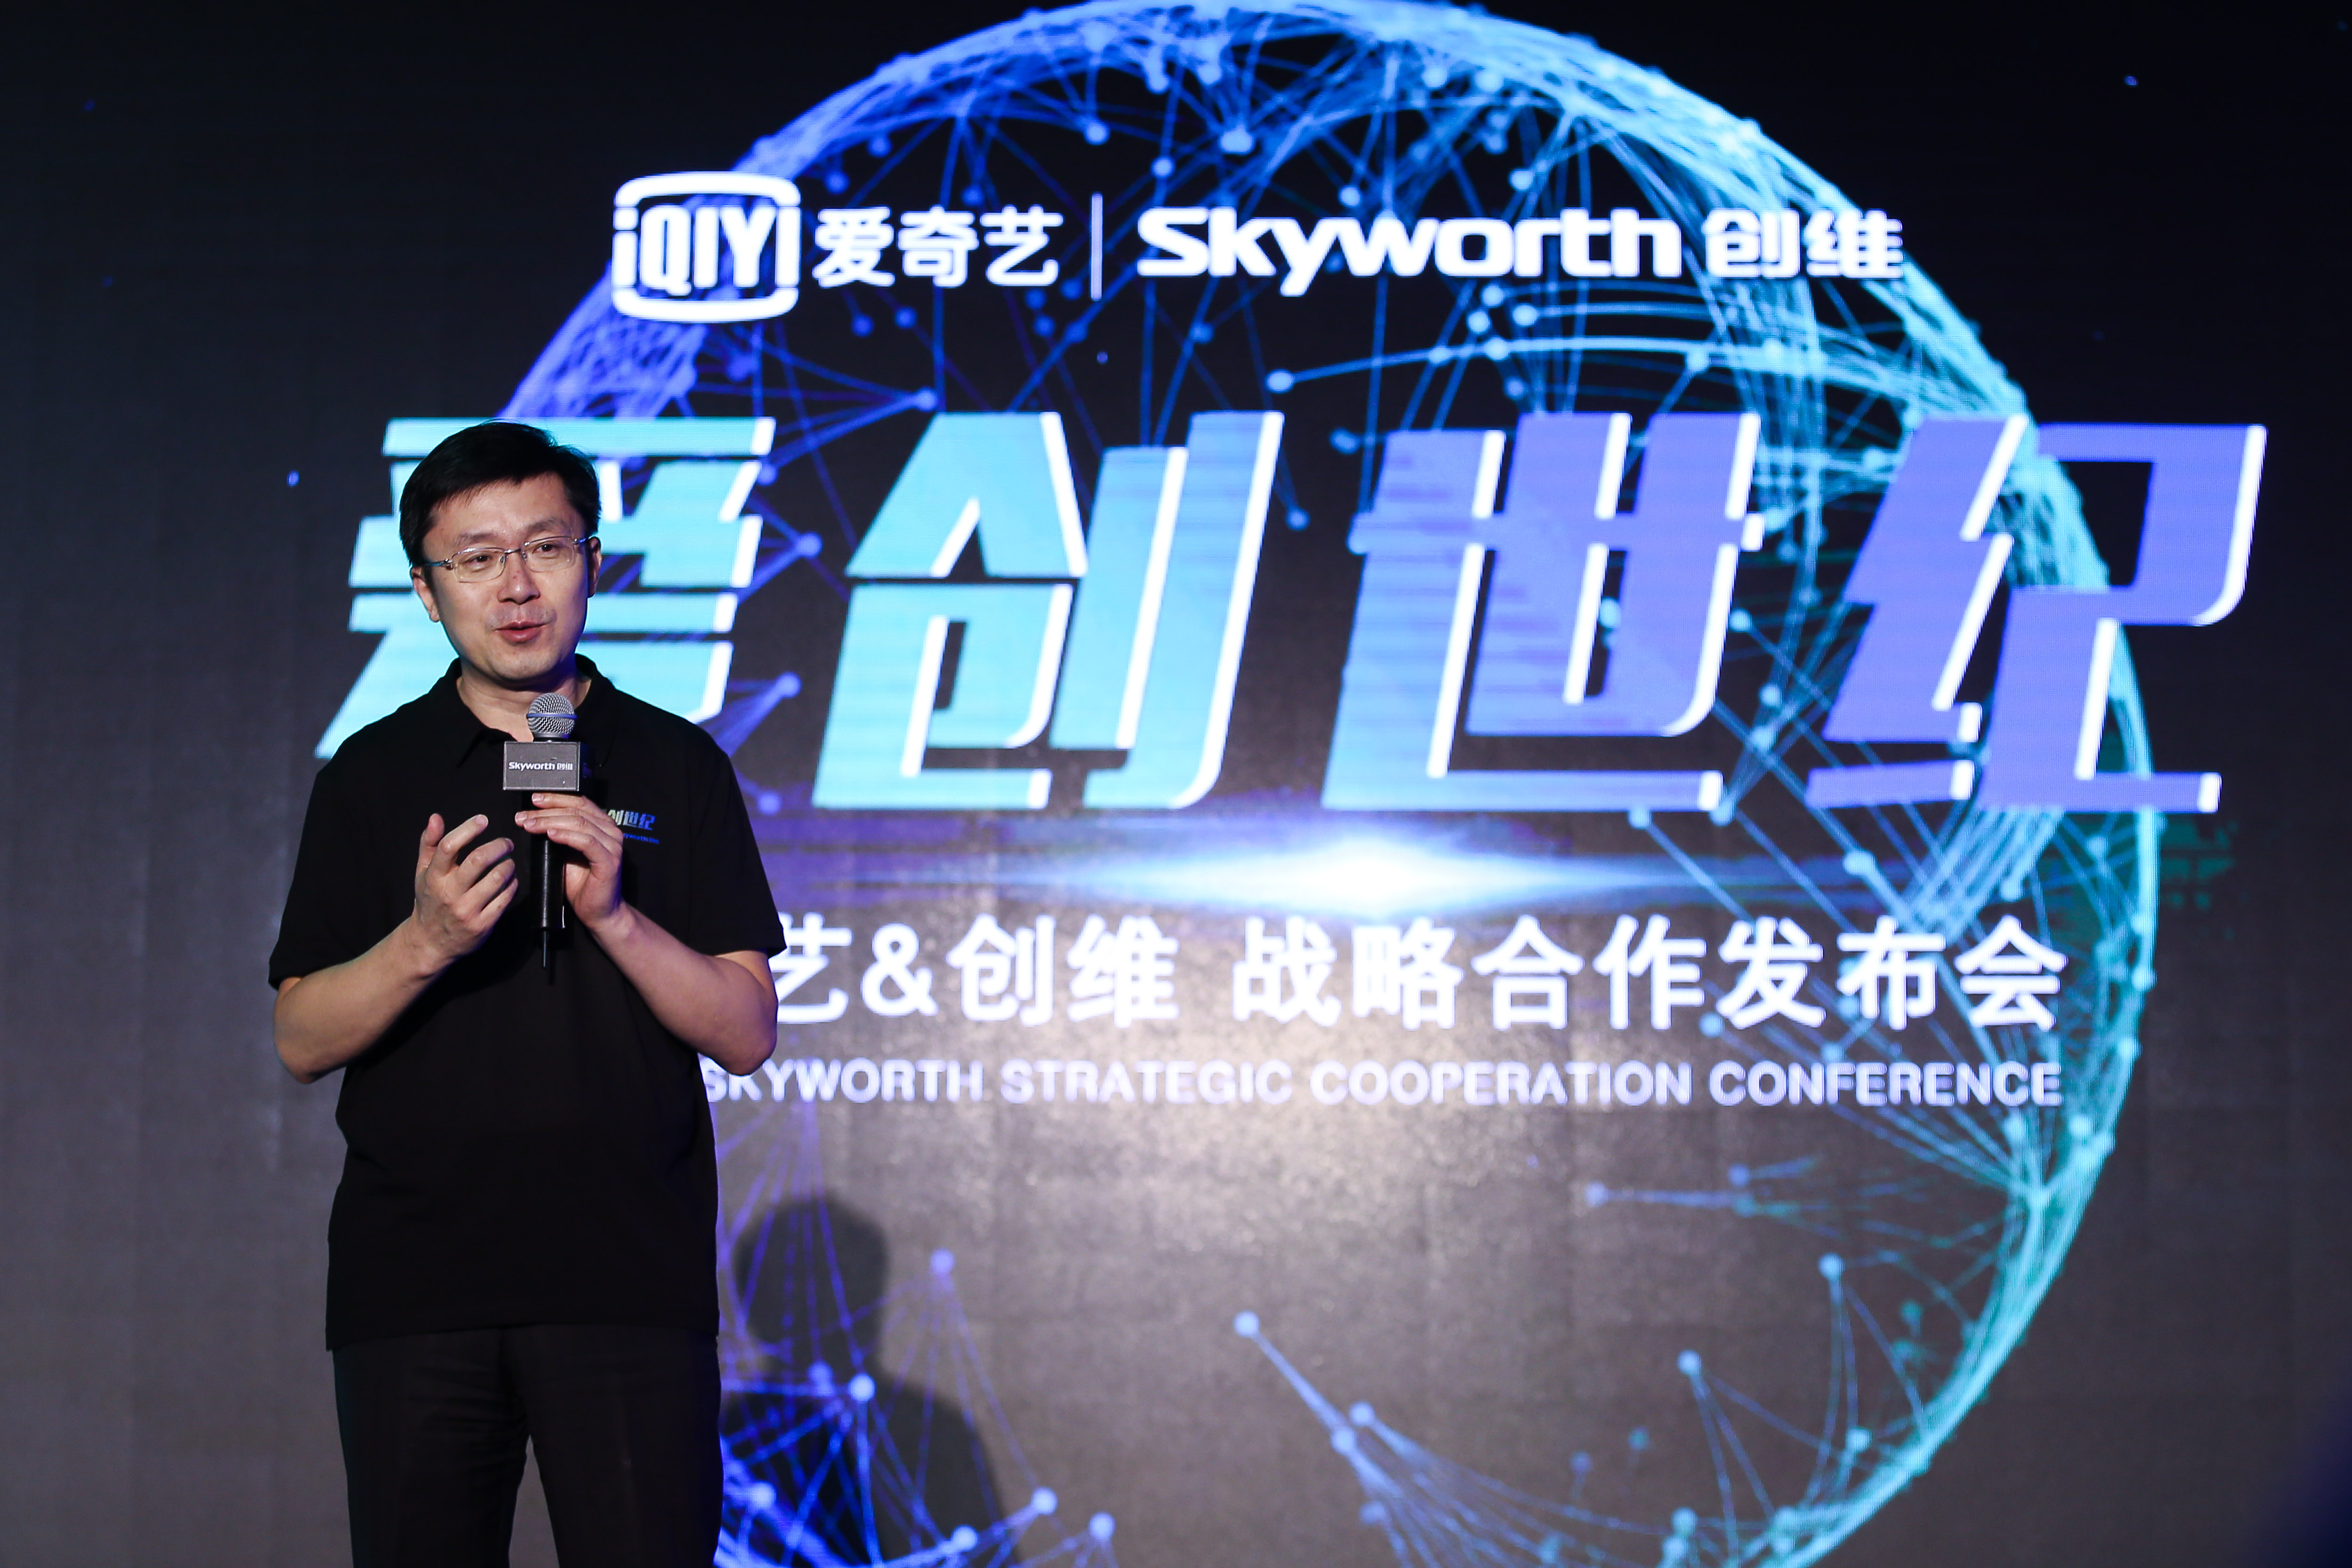 爱奇艺创始人、CEO龚宇博士